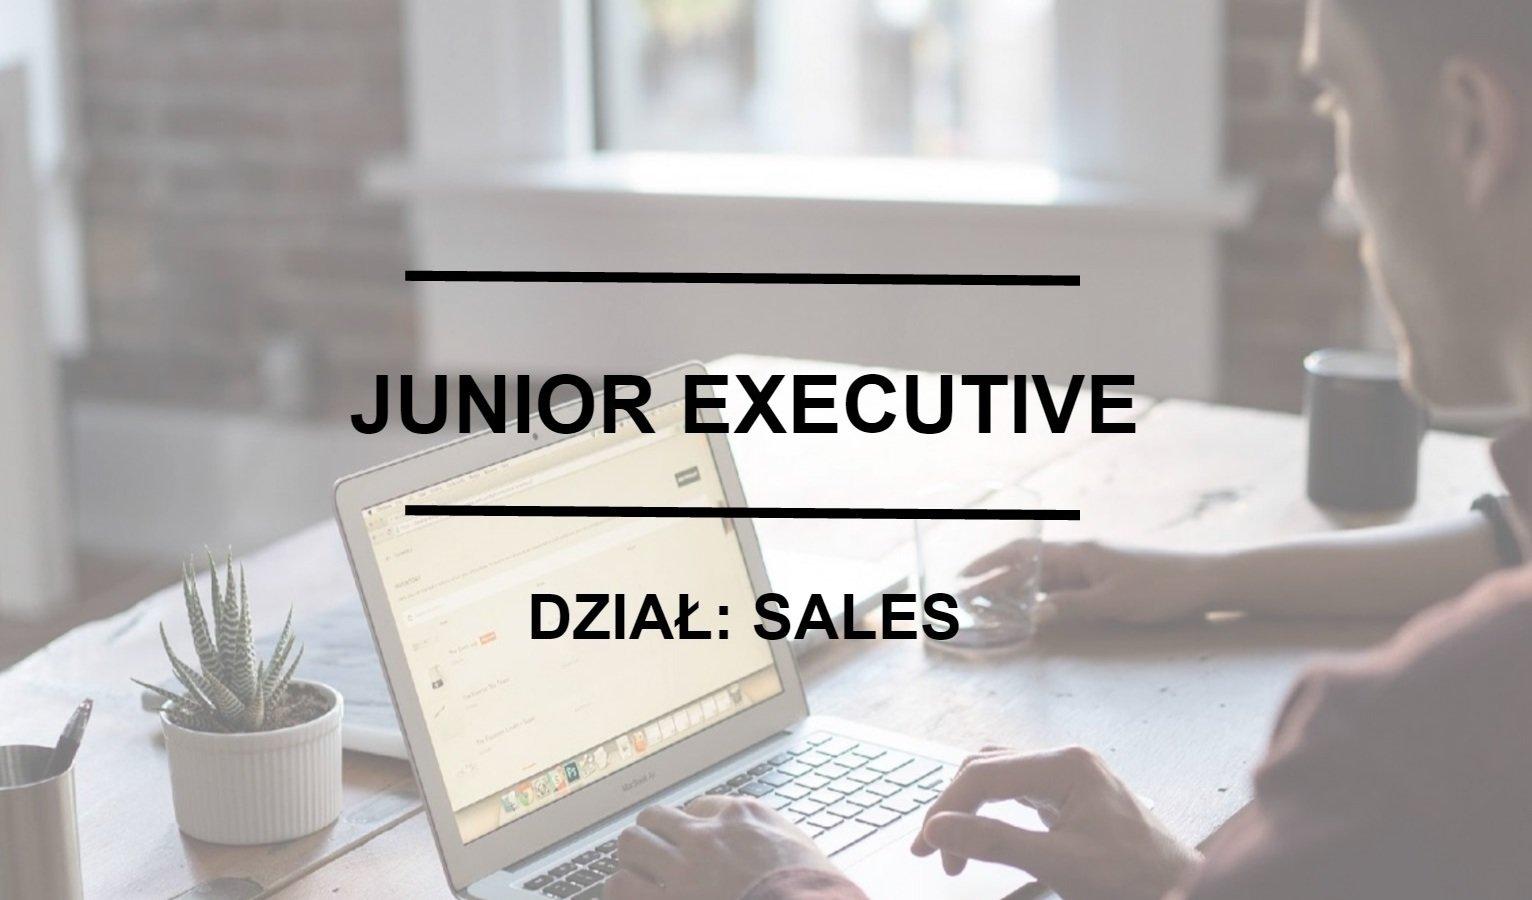 Rozwijaj swoją karierę w dziale Sales w LifeTube - Junior Executive poszukiwany!